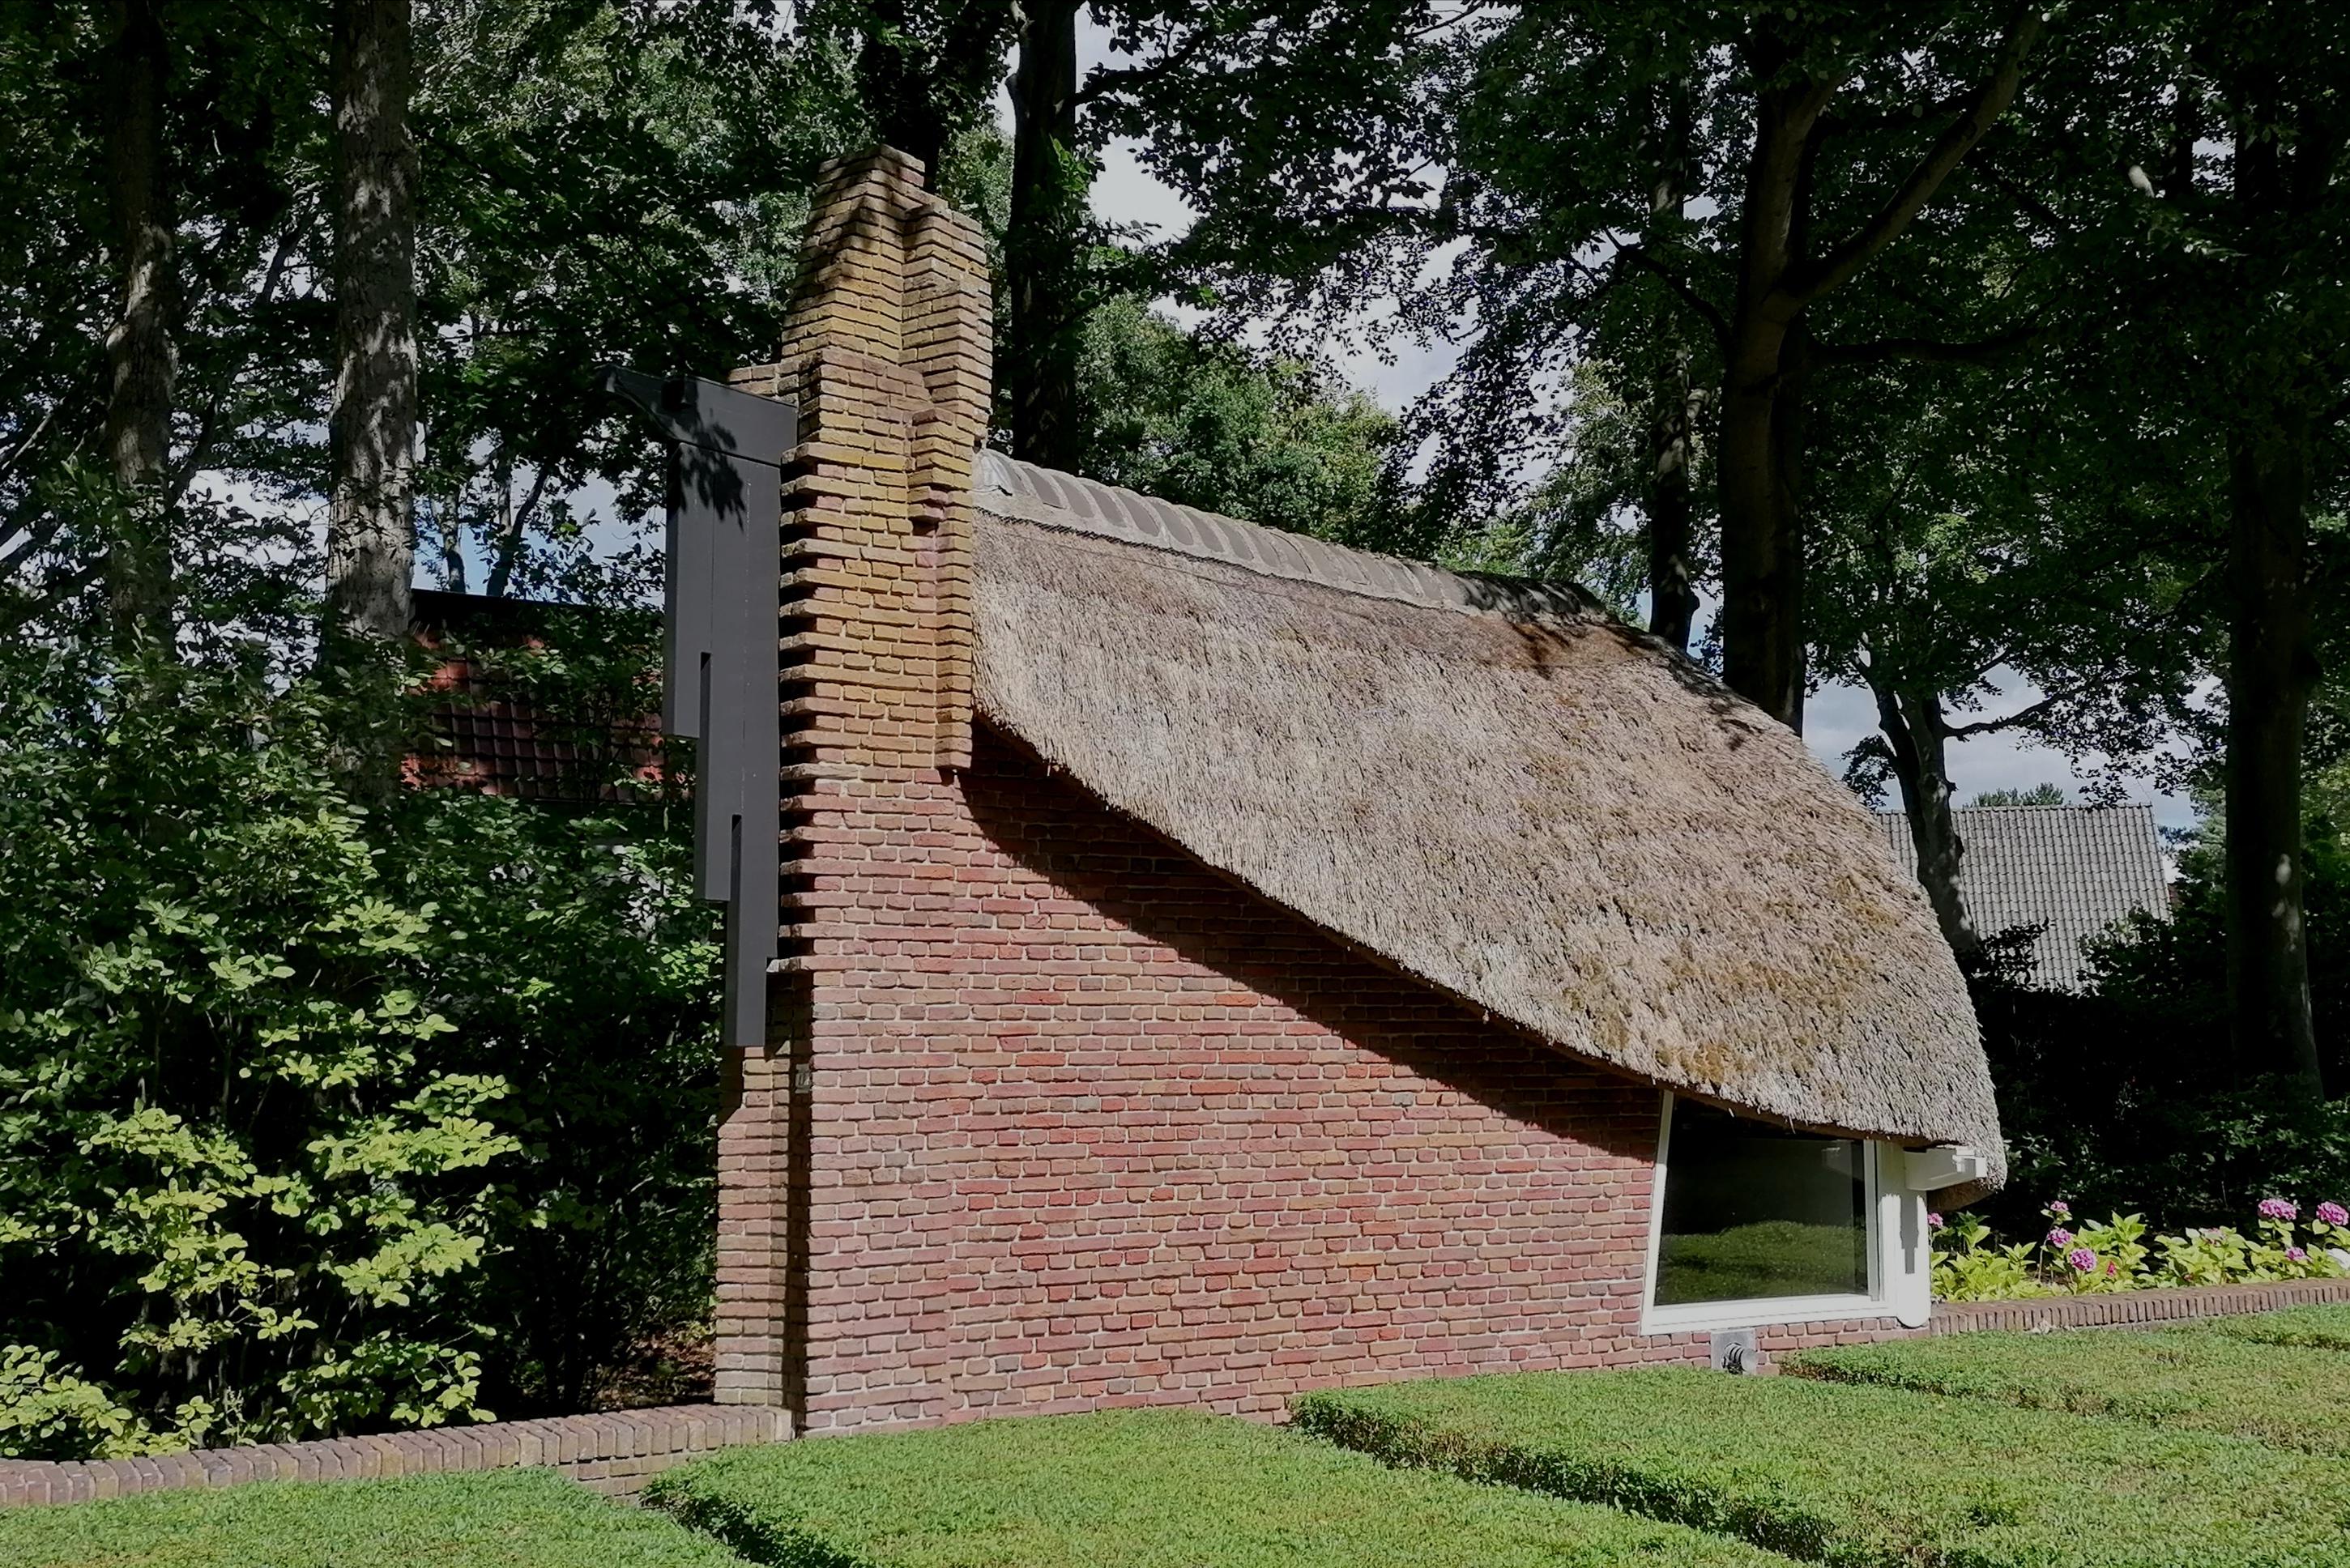 Tuinhuisje van villa De Ark van architect Jan Staal in Park Meerwijk te Bergen